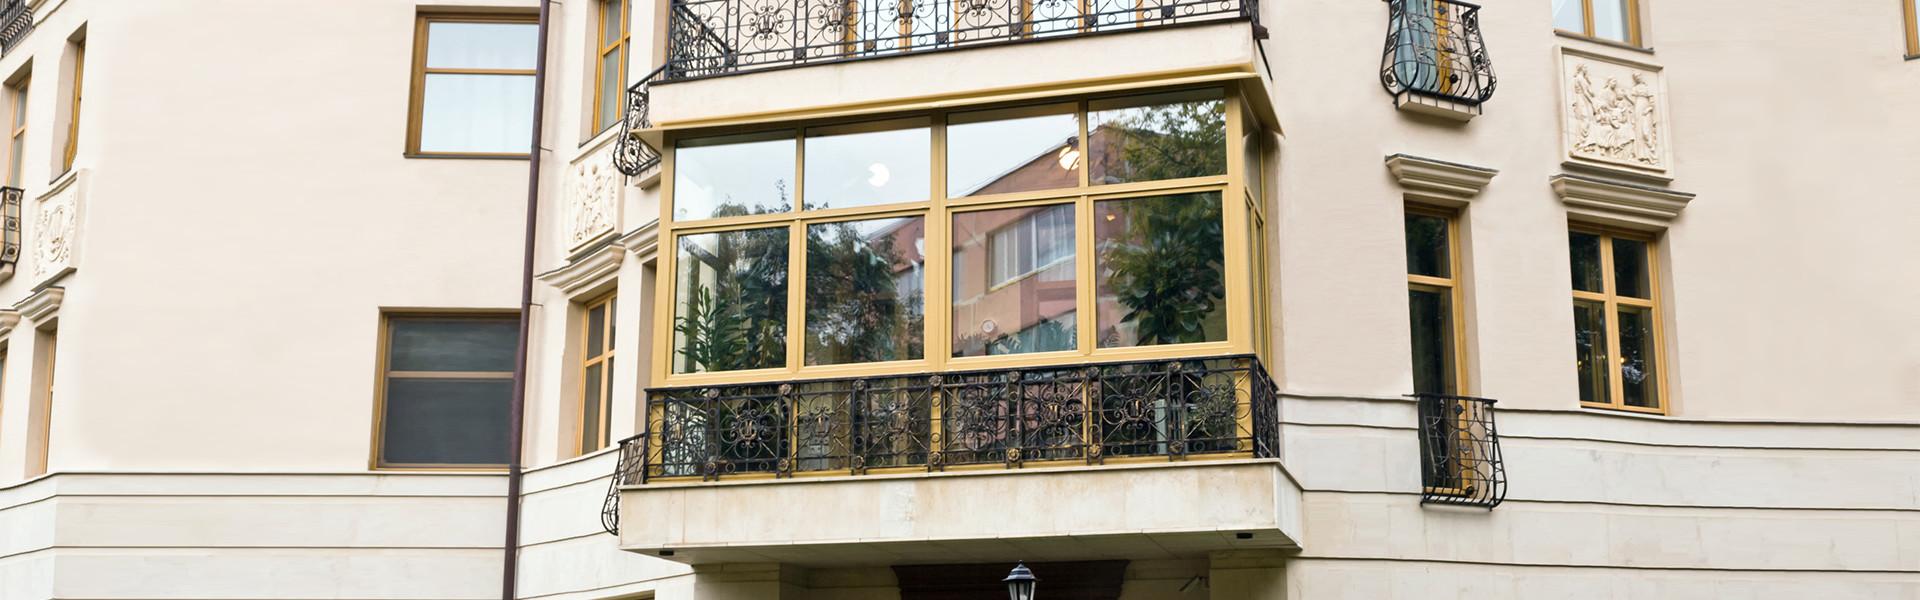 zabudowa balkonu w odrestaurowanej kamienicy